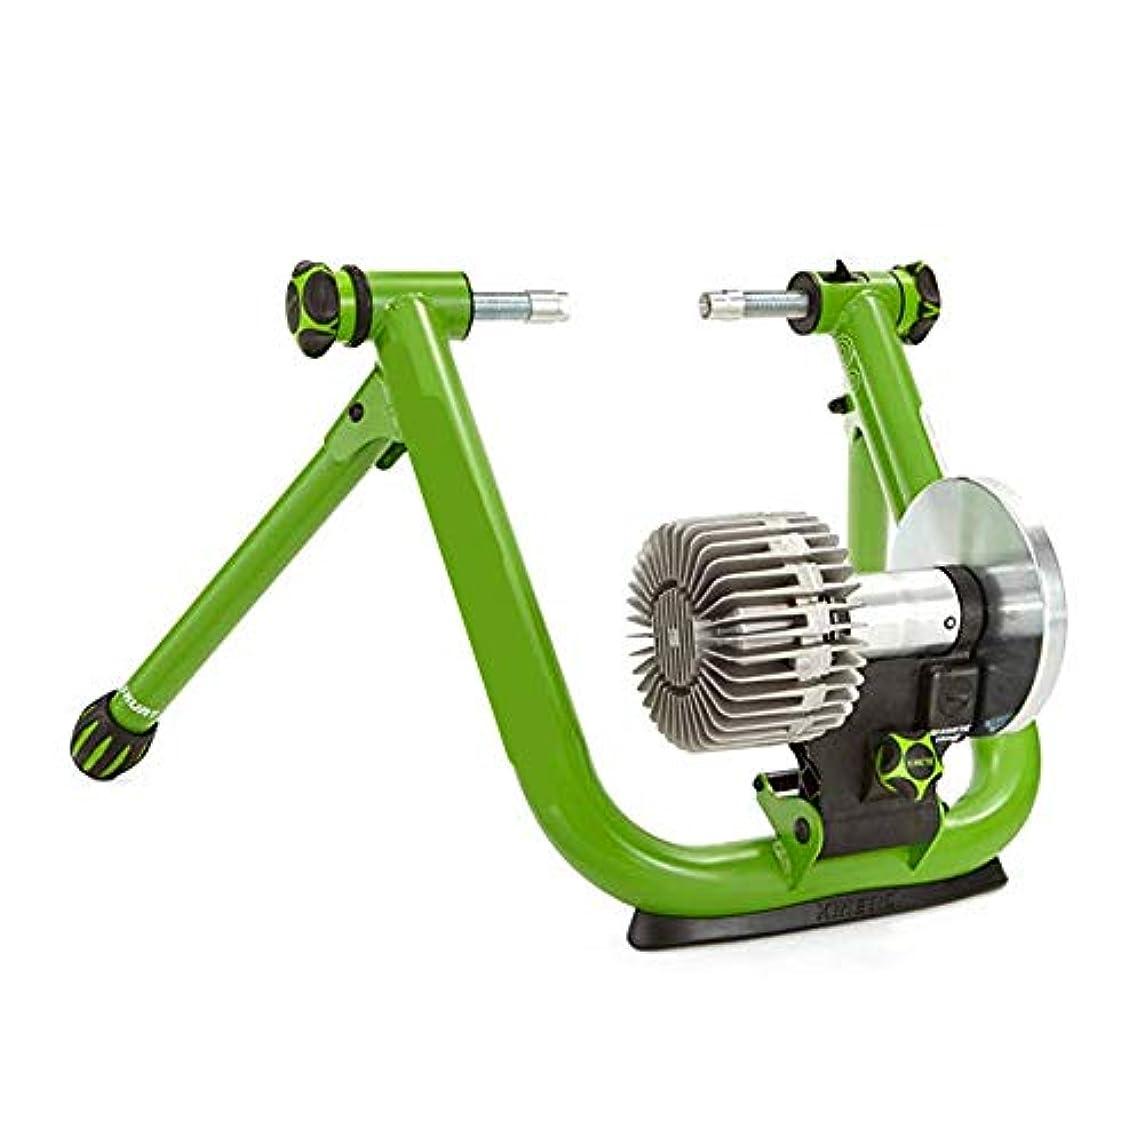 聡明プラカード徴収バイクトレーナー 磁気ターボトレーナー - ロード&マウンテンバイク用可変抵抗屋内バイクトレーナー 室内自転車エクササイズ (色 : 緑)